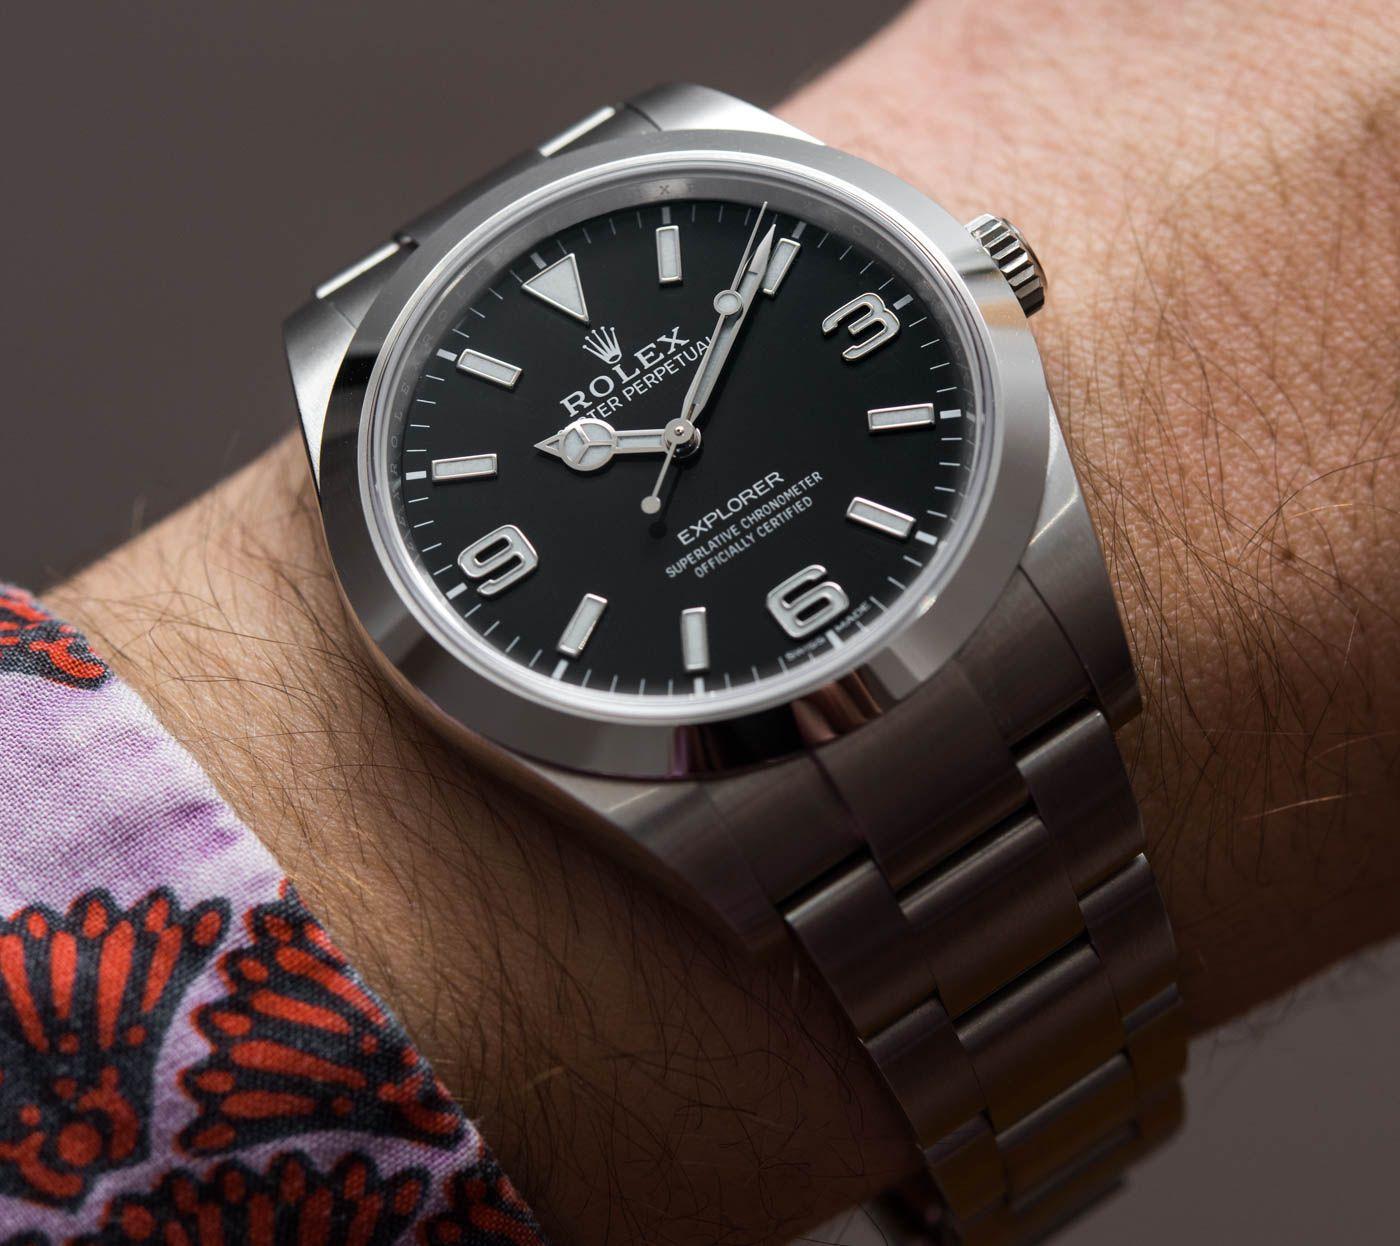 Rolex Explorer I 214270 39mm Review Wrist Time Reviews w 2019